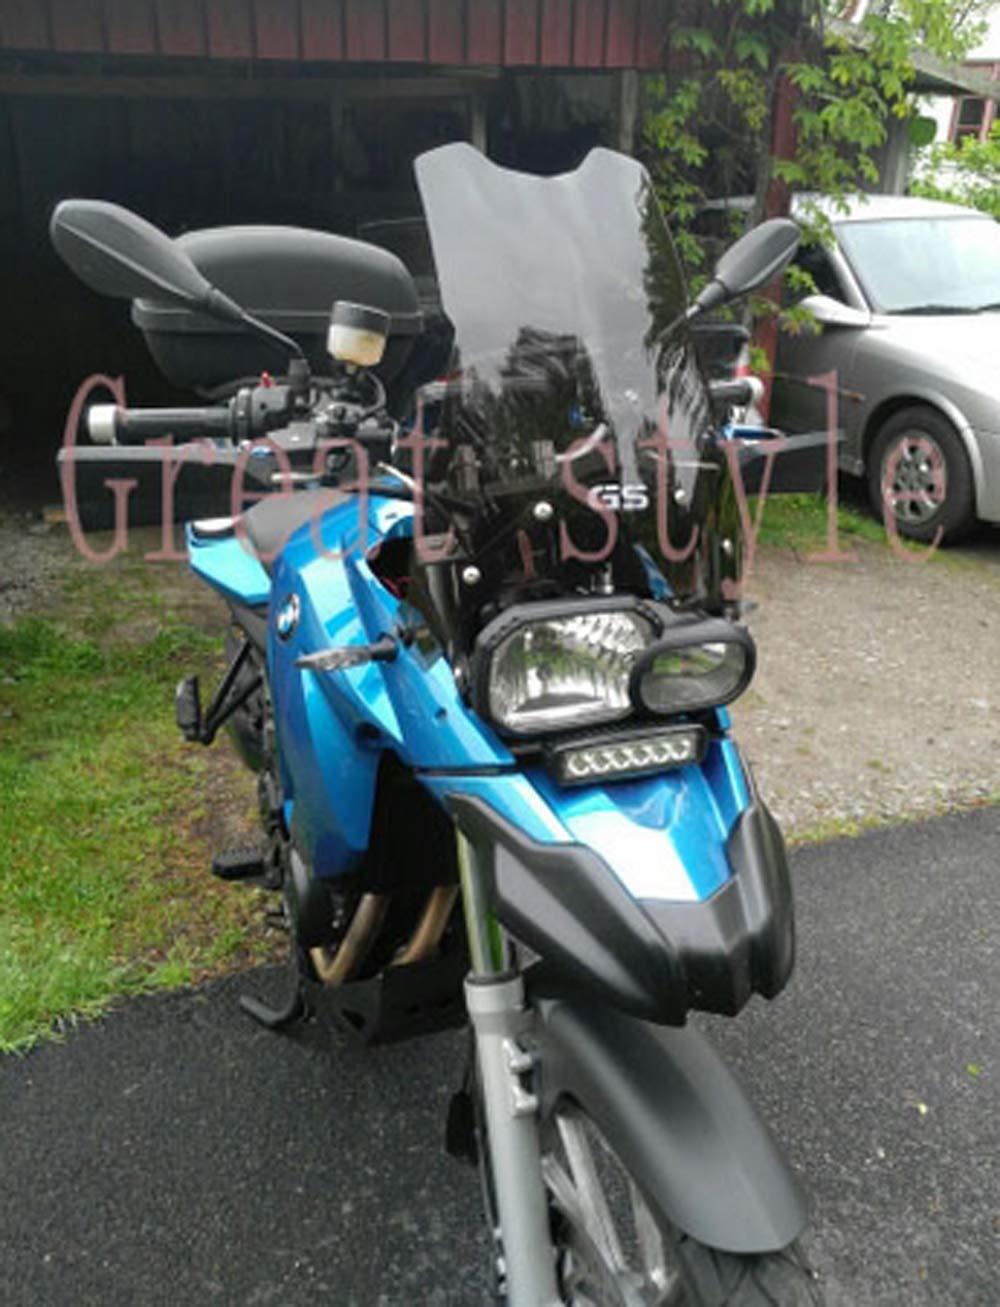 New For BMW F800GS F650GS F 800GS 650S F800 F650 GS 800 650 2008-2017 motorcycle//motorbike Windshield//Windscreen